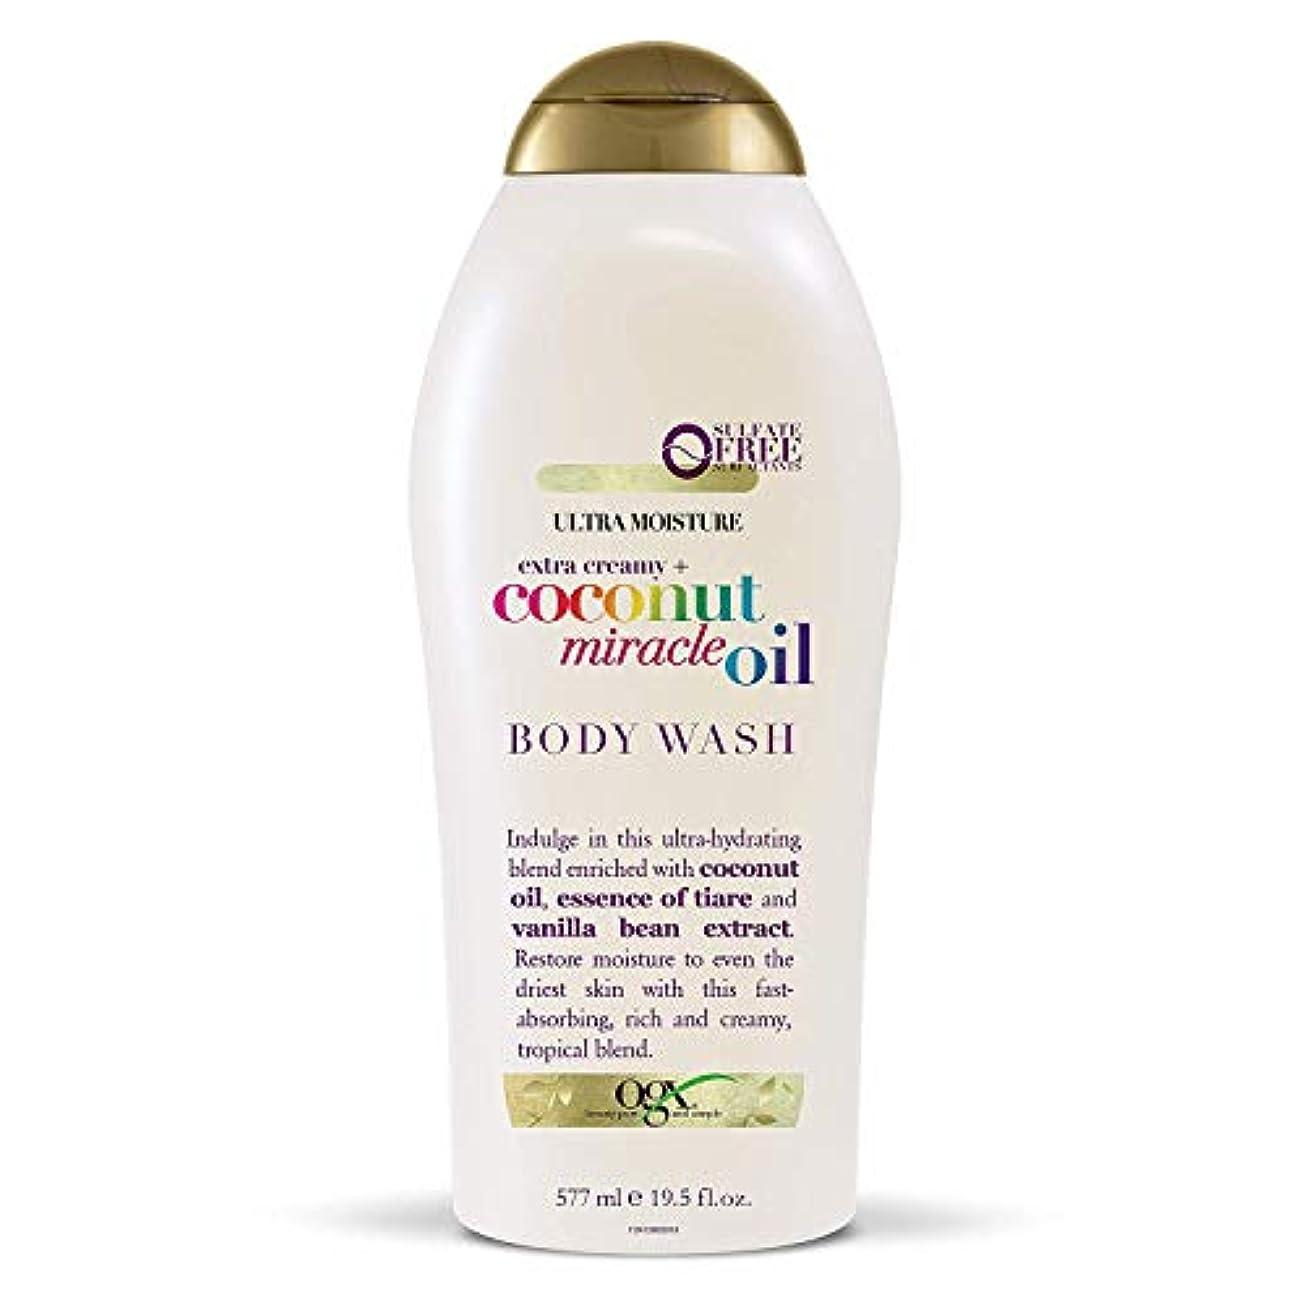 振りかけるトーンウォルターカニンガムOgx Body Wash Coconut Miracle Oil Extra Strength 19.5oz OGX ココナッツミラクルオイル エクストラストレングス ボディウォッシュ 577ml [並行輸入品]